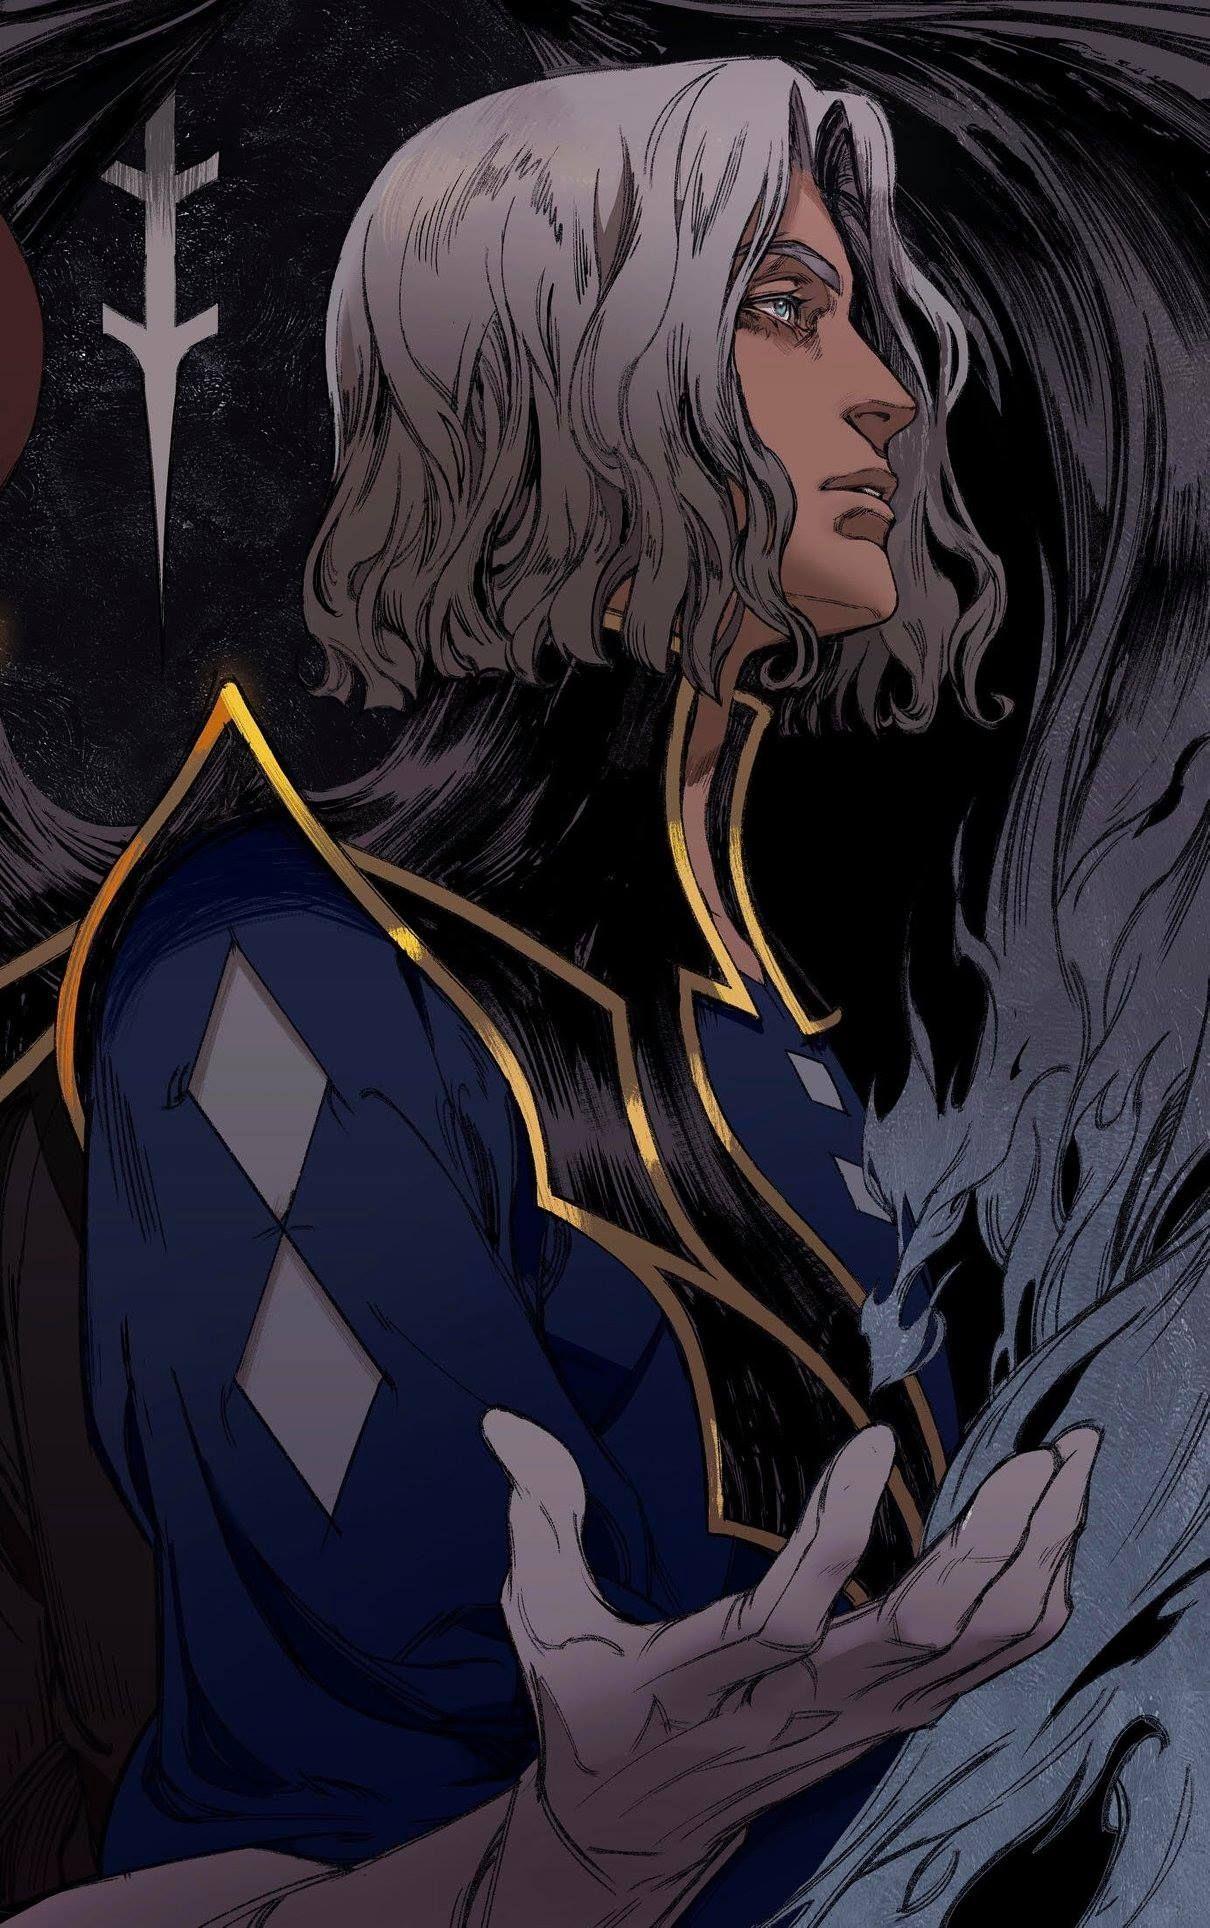 Castlevania hector character art anime anime art